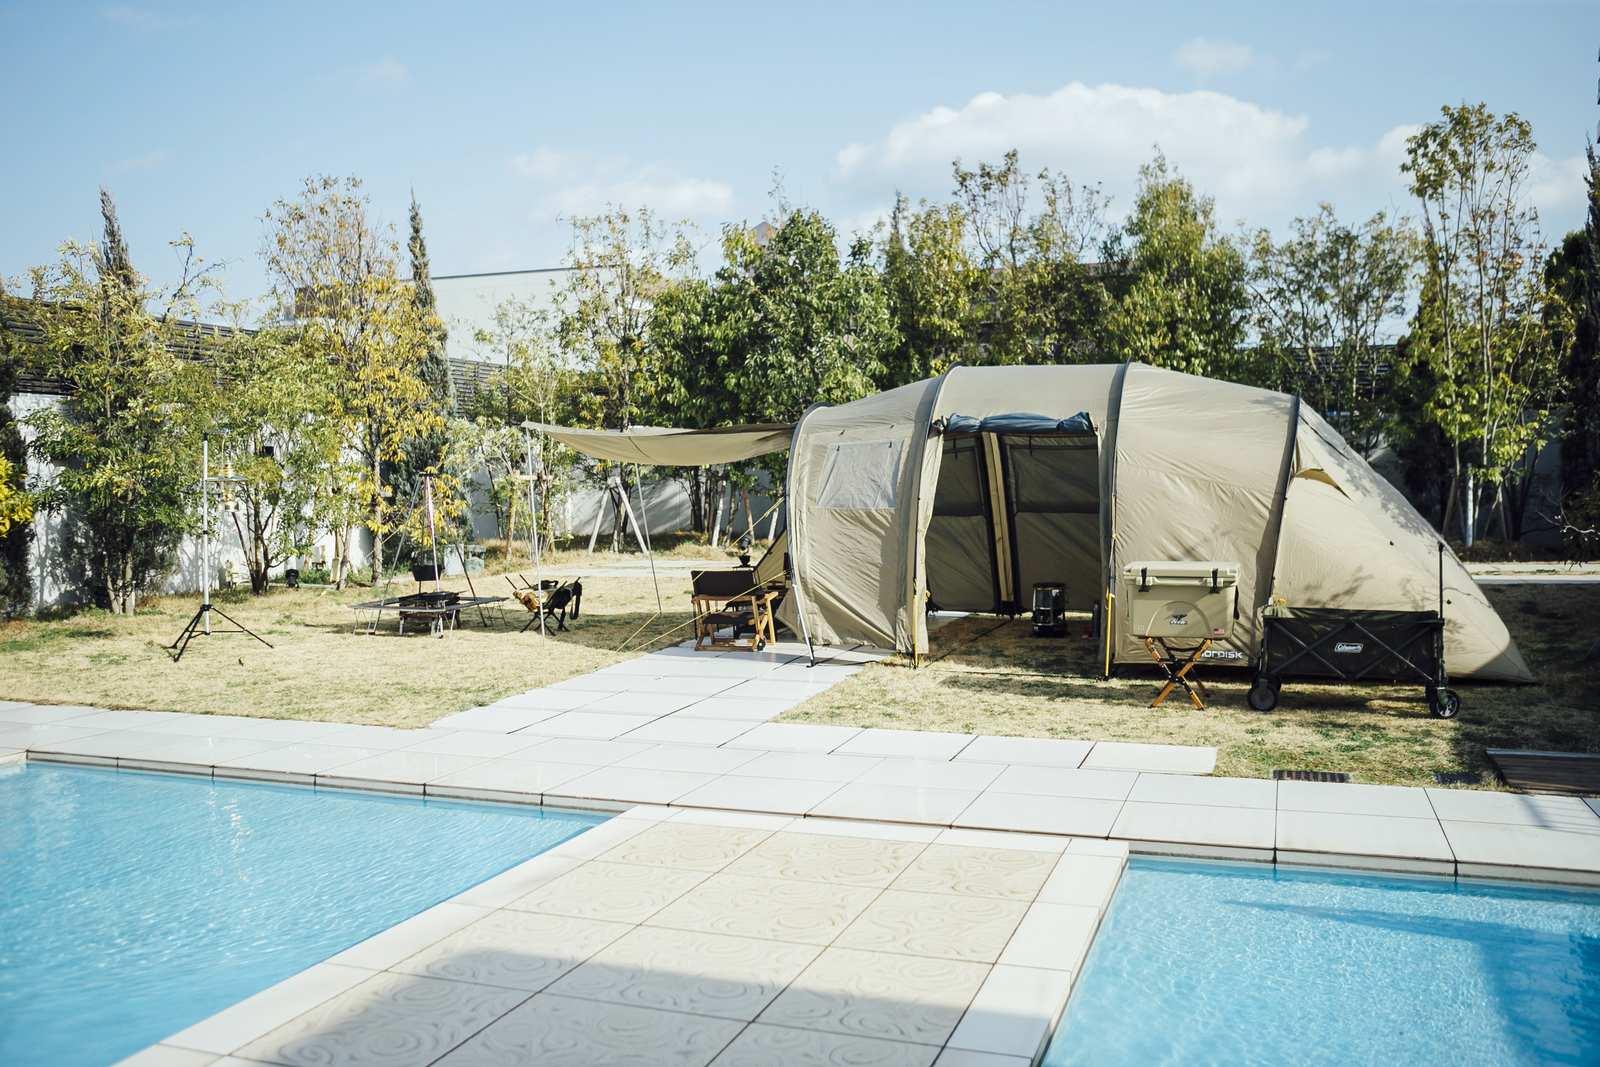 香川県の結婚式場シェルエメール&アイスタイルのテント